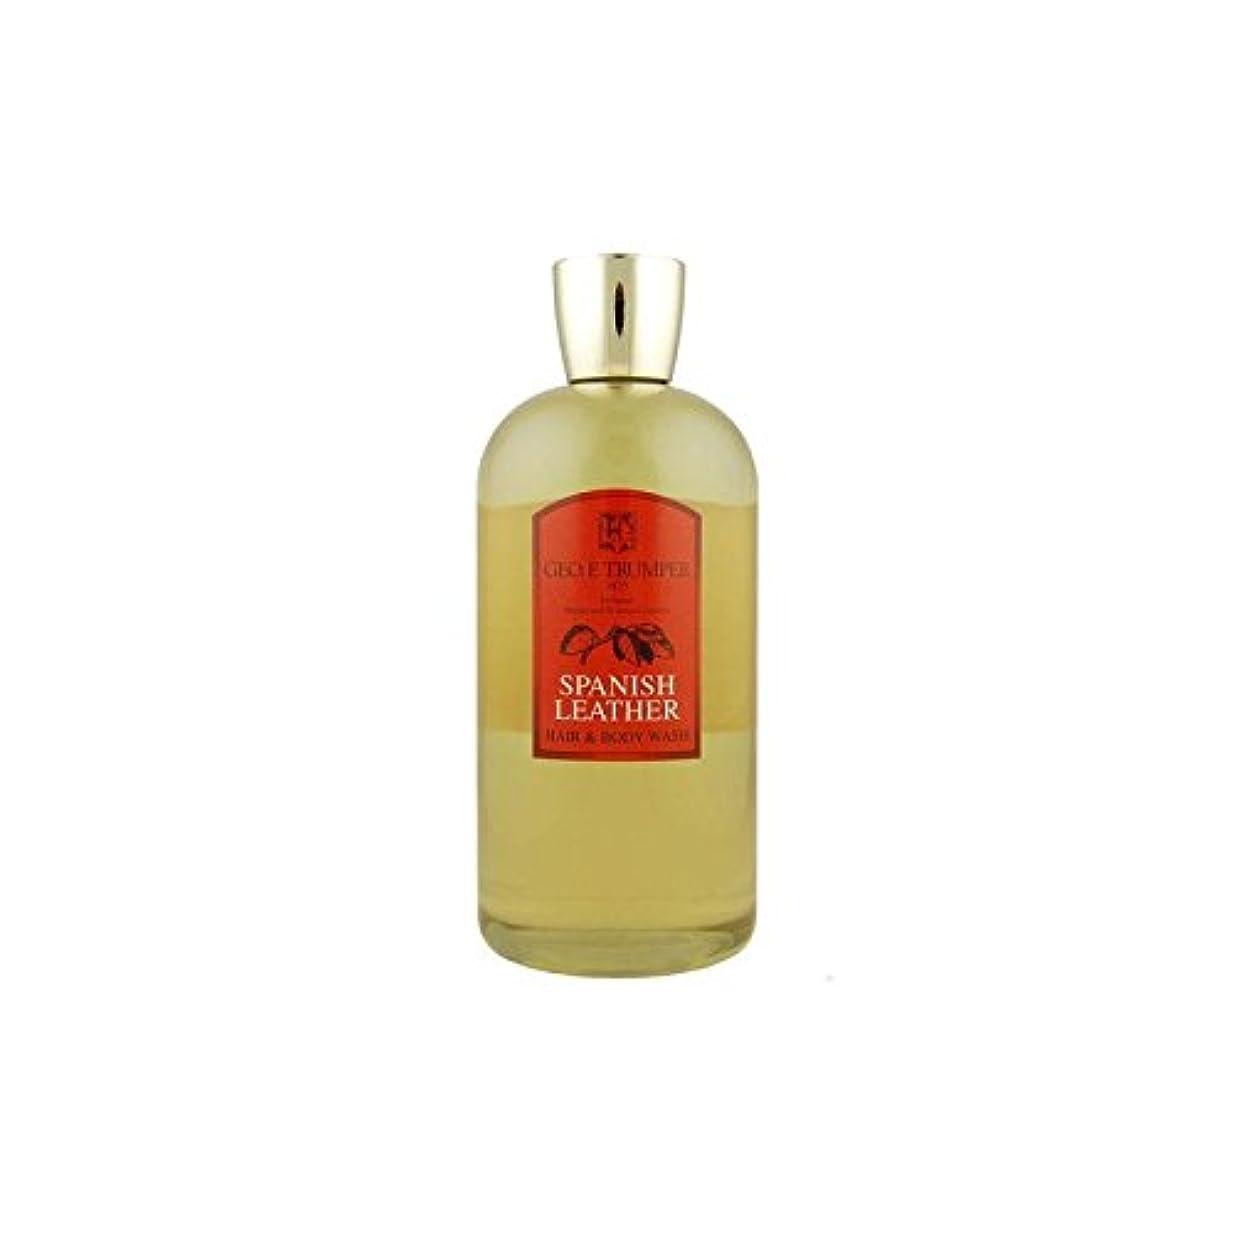 シャワー嬉しいです剣革の髪とボディウォッシュスペイン語 - 500ボトル x2 - Trumpers Spanish Leather Hair and Body Wash - 500mlTravel Bottle (Pack of 2) [...